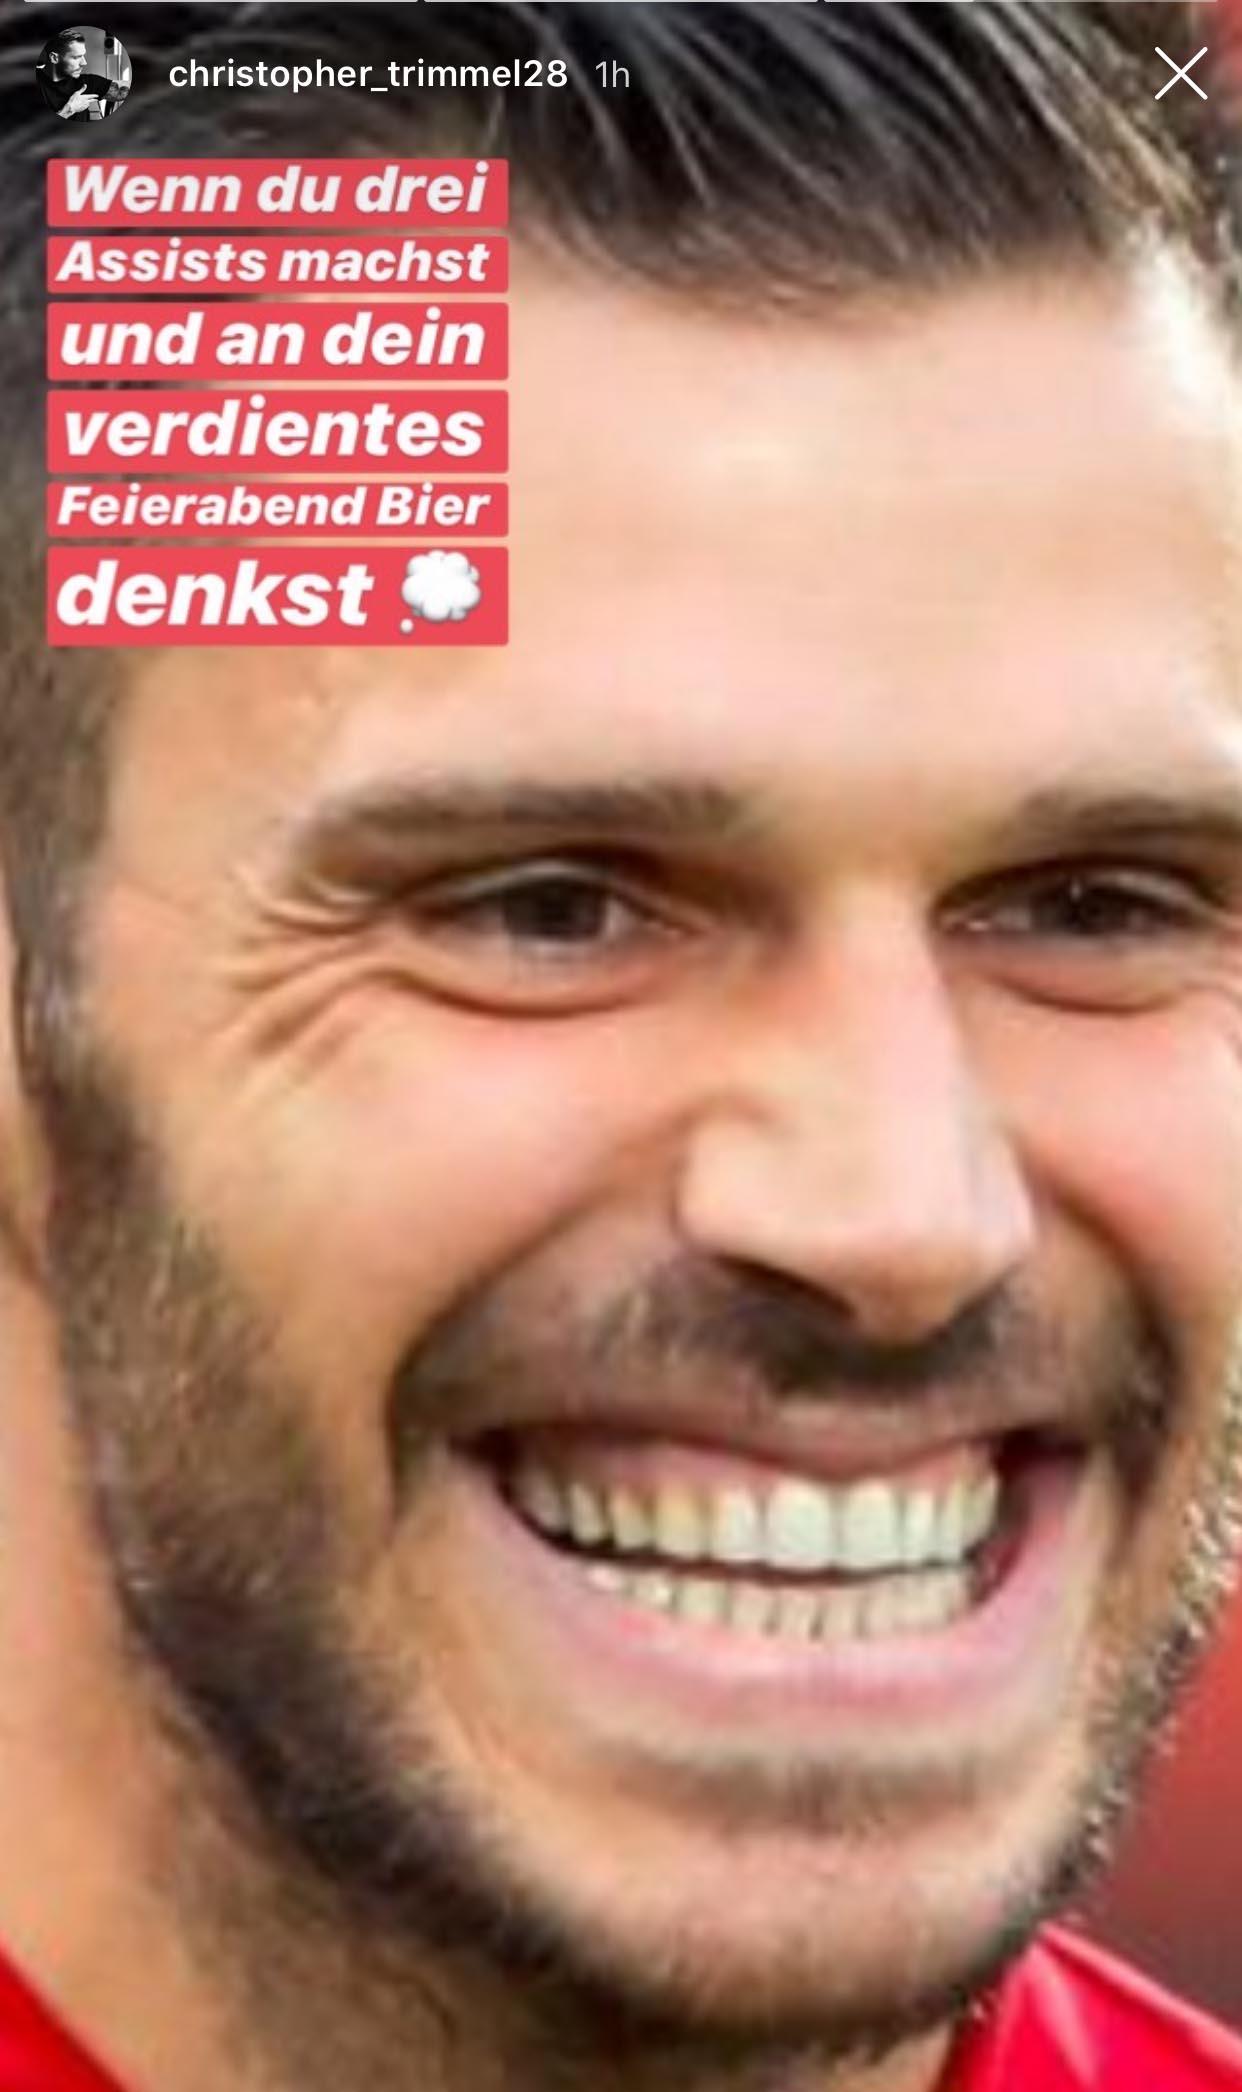 Christopher Trimmel, Kapitän des 1. FC Union Berlin) freut sich über seine 3 Vorlagen